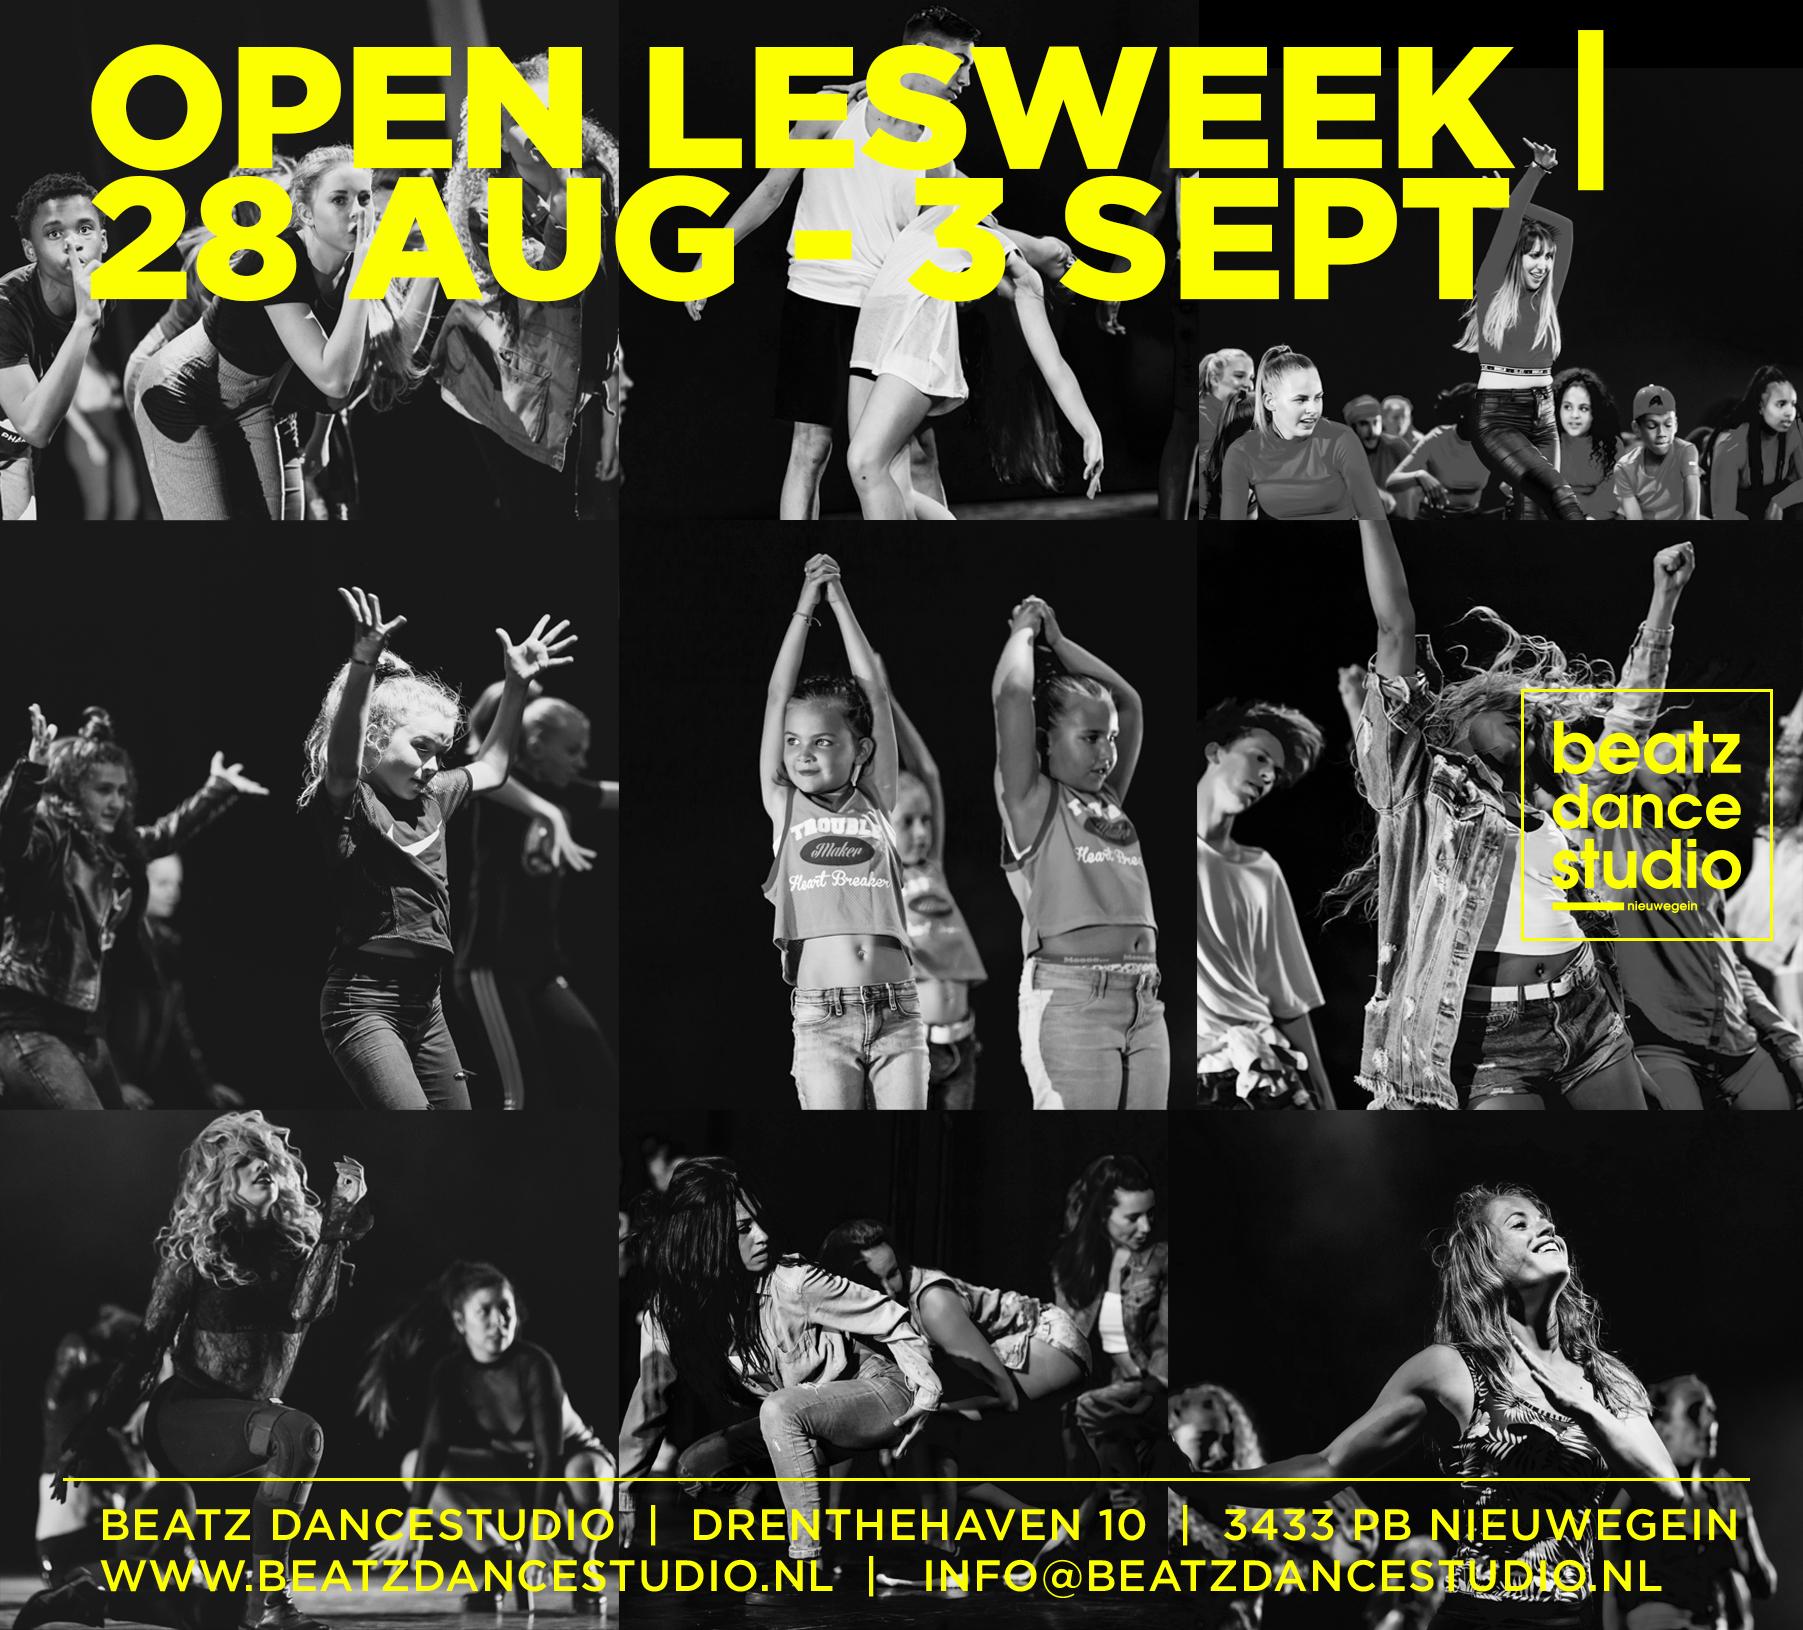 openlesweek